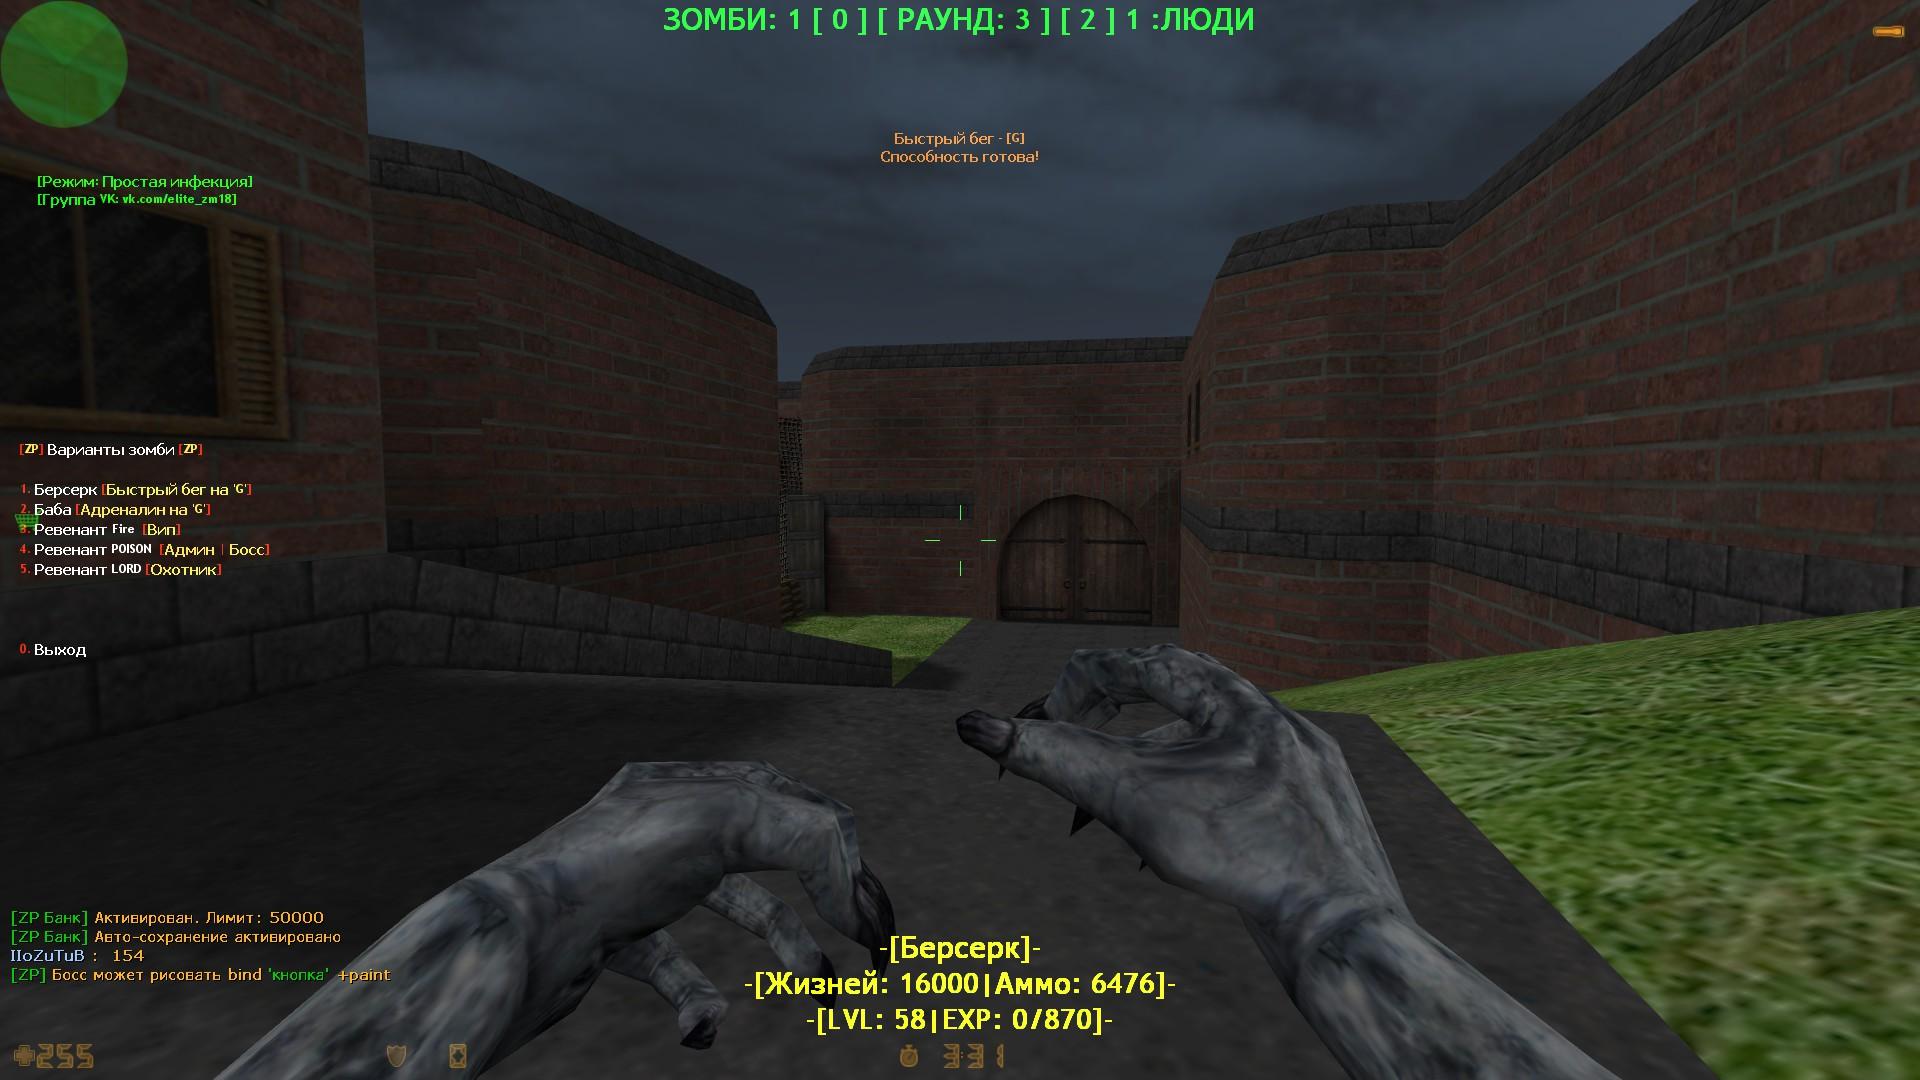 Зомби Сборка №4 + Исходники *ХИТ!!